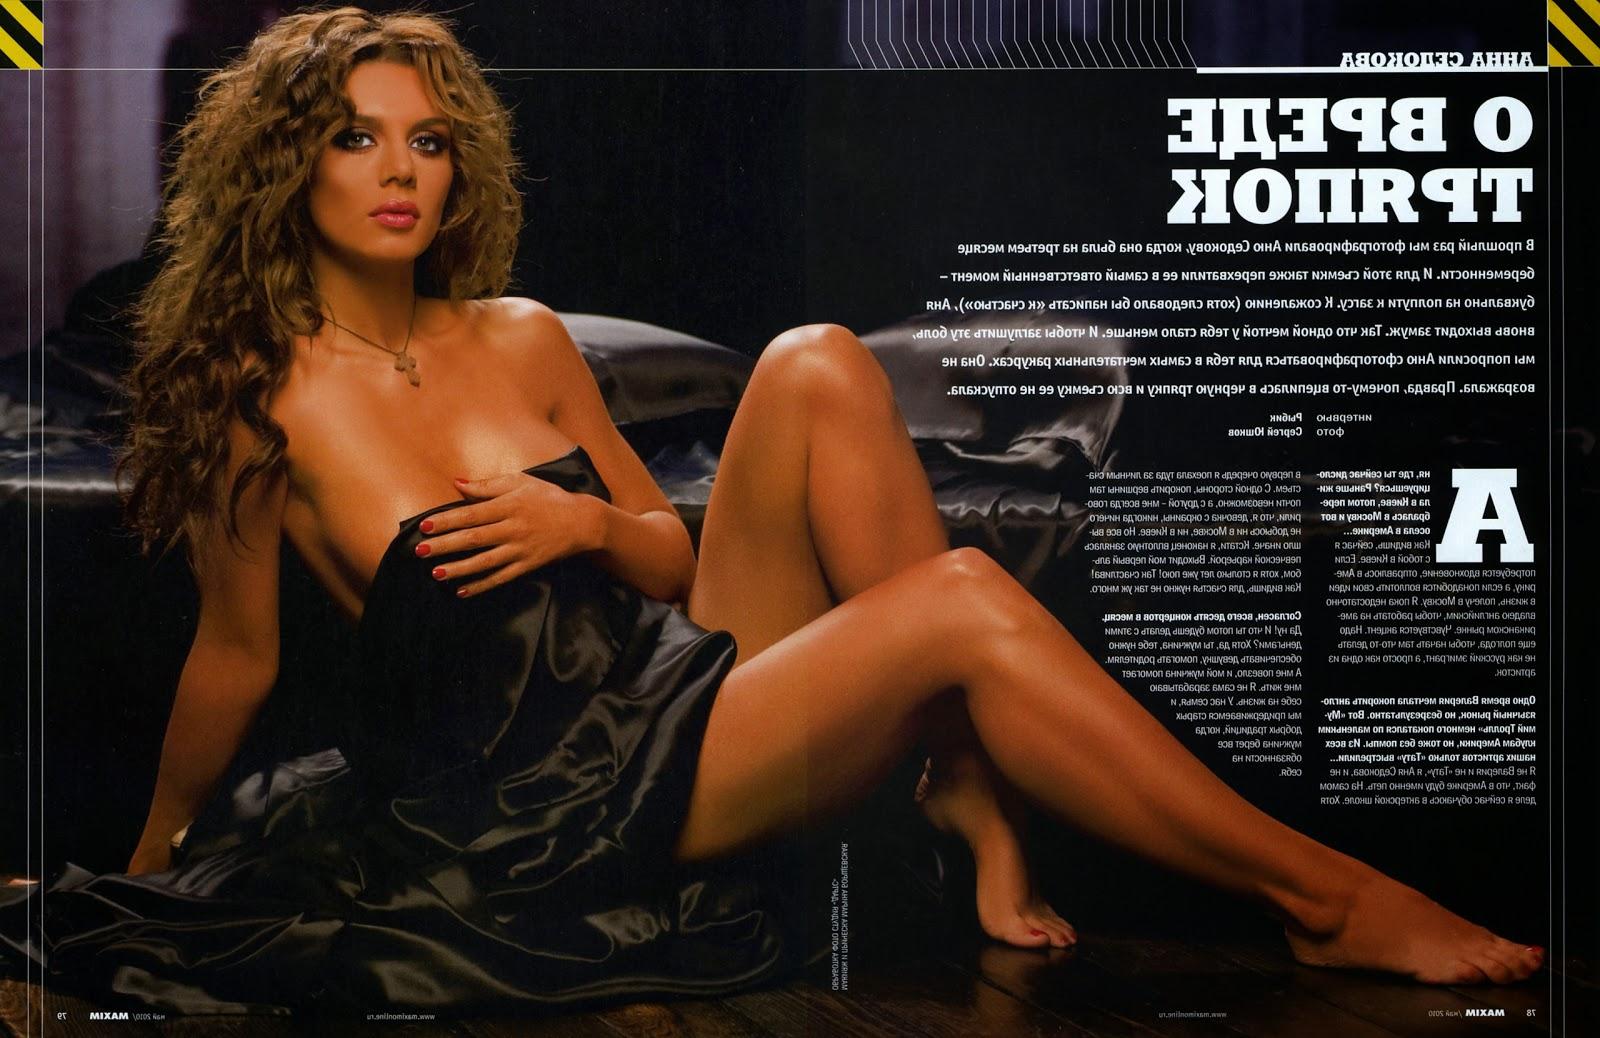 Эротические фотосессии плейбой анна седаковой